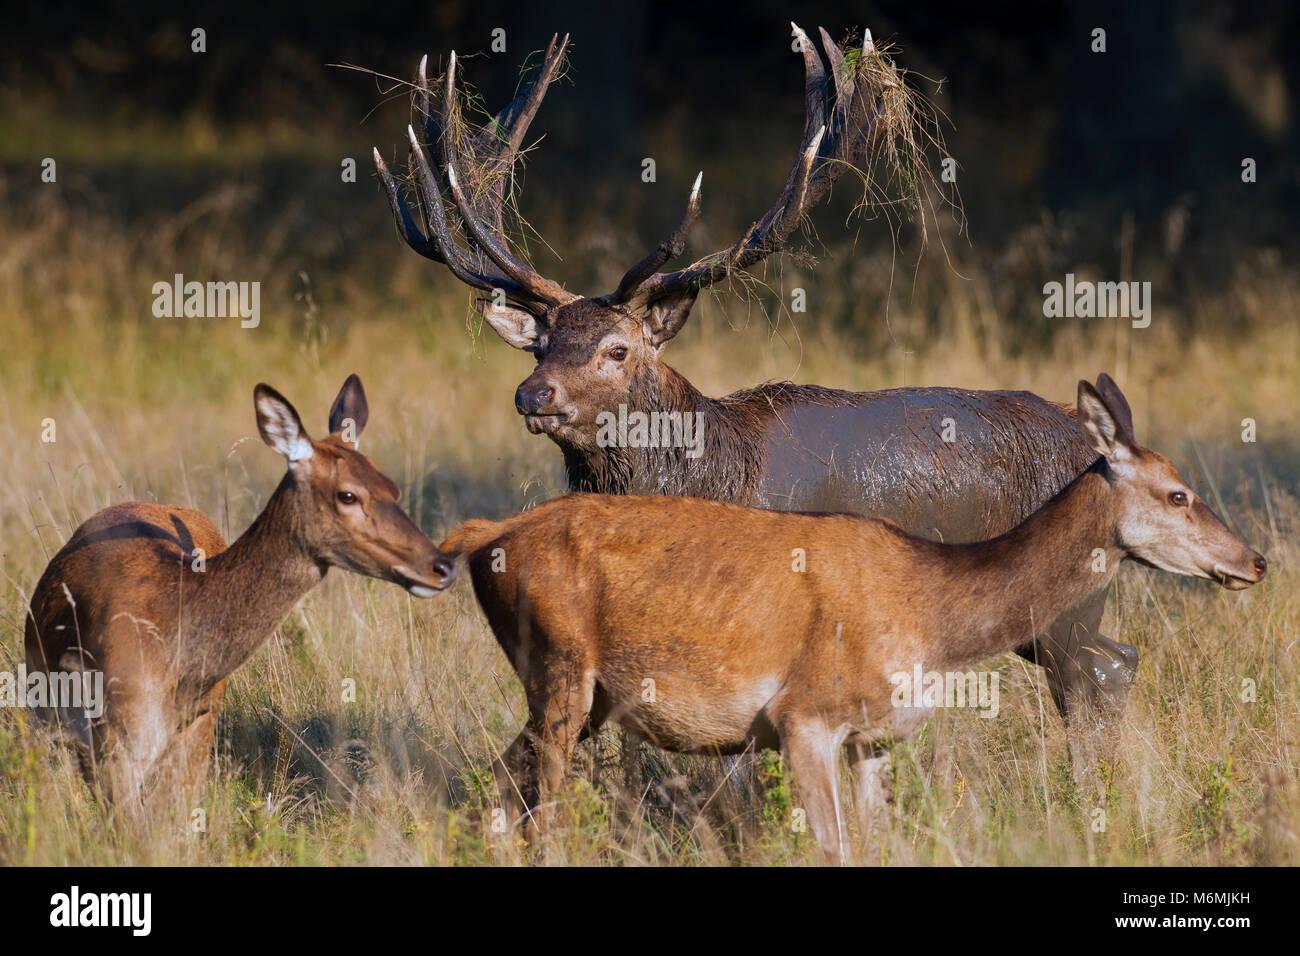 Red Deer (Cervus elaphus) Hinds und Hirsch mit Geweih in Schlamm und Vegetation während der Brunft im Herbst Stockbild